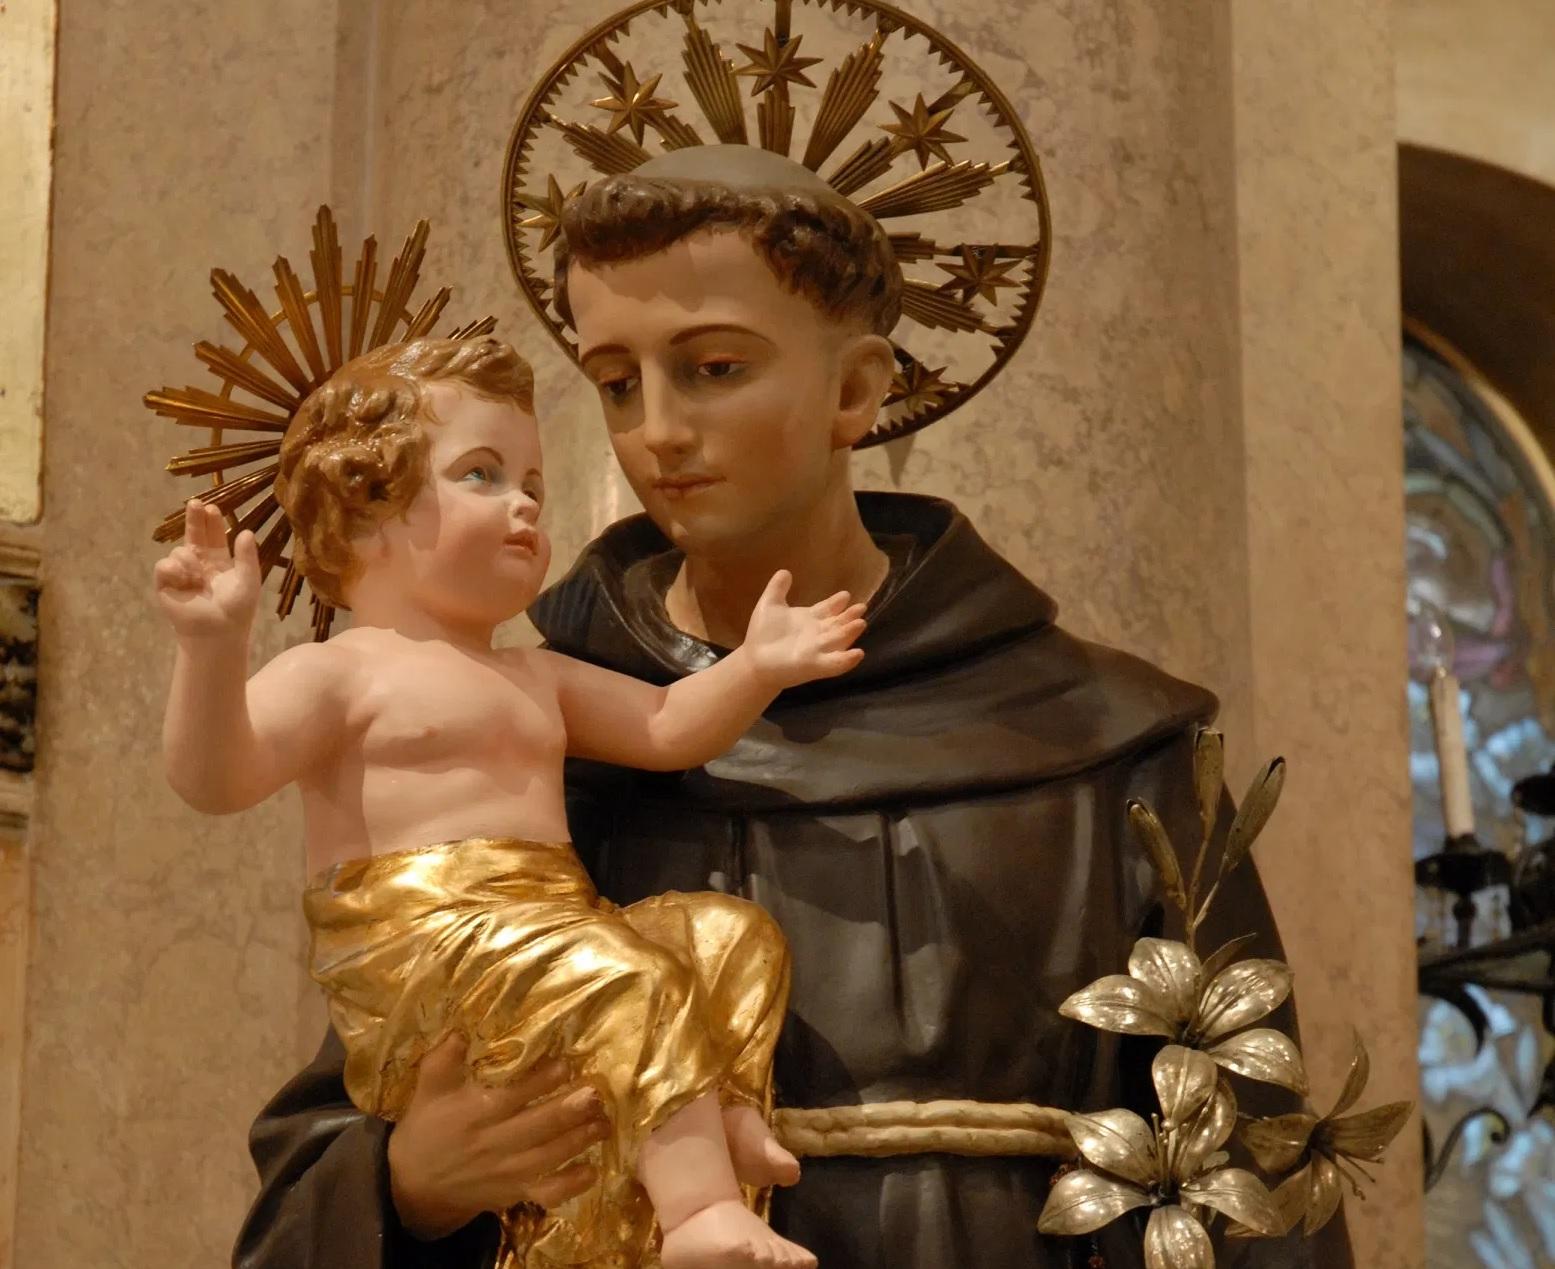 Vandalizzato il faro che illumina la statua di Sant'Antonio